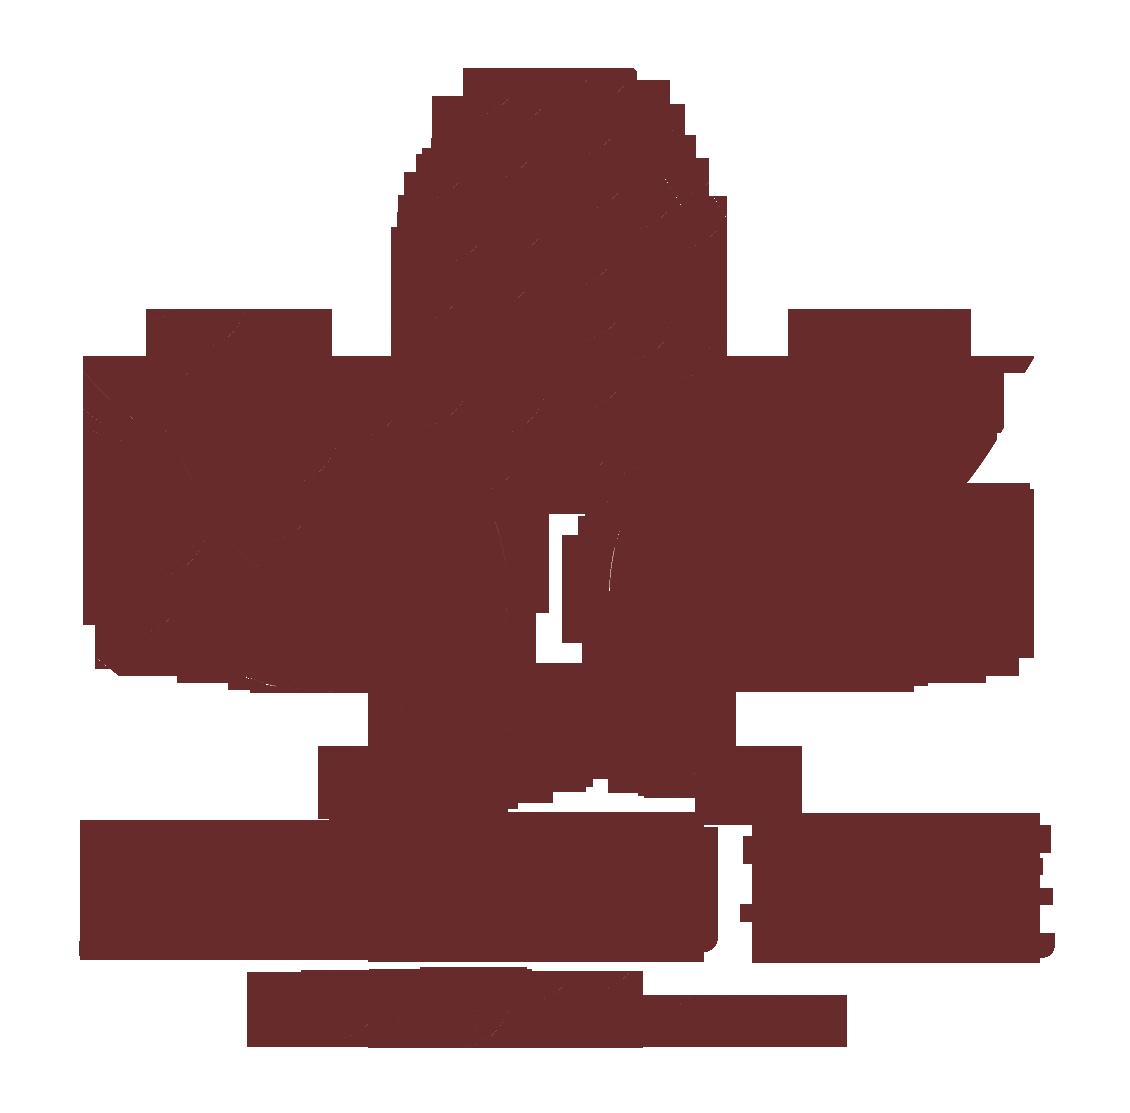 圣羽国际瑜伽